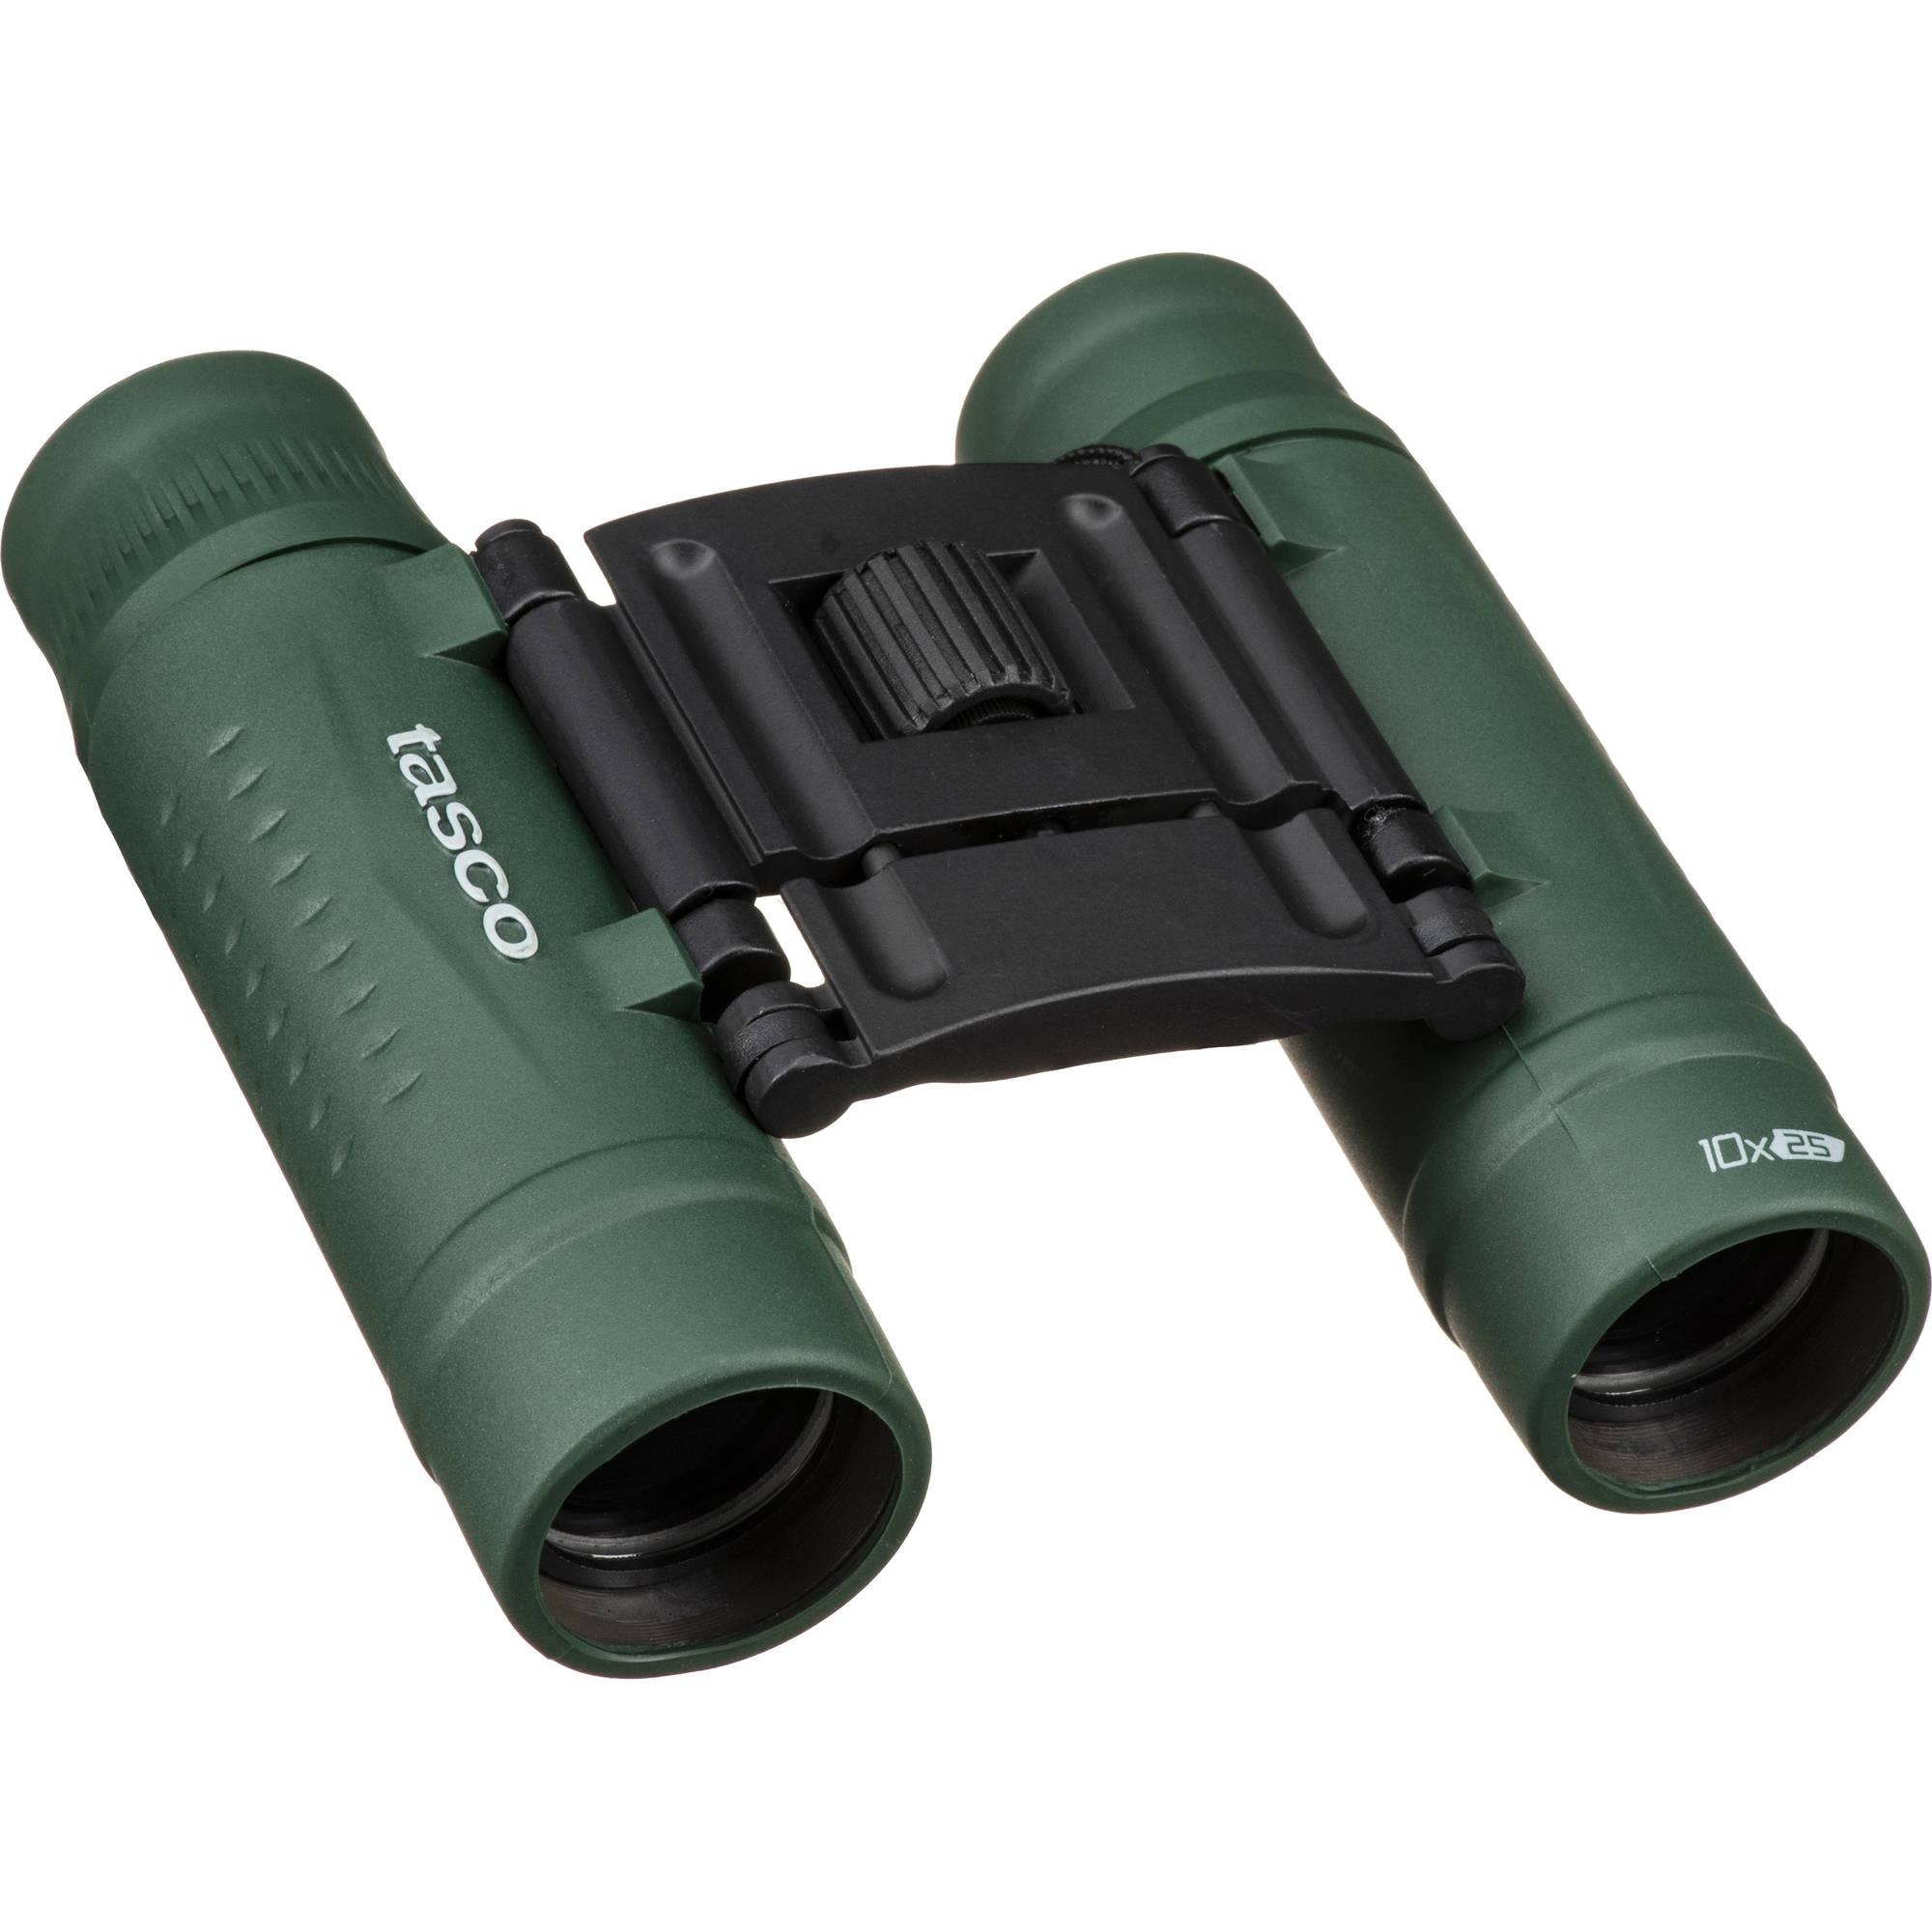 10 x 25 Binocular - Green